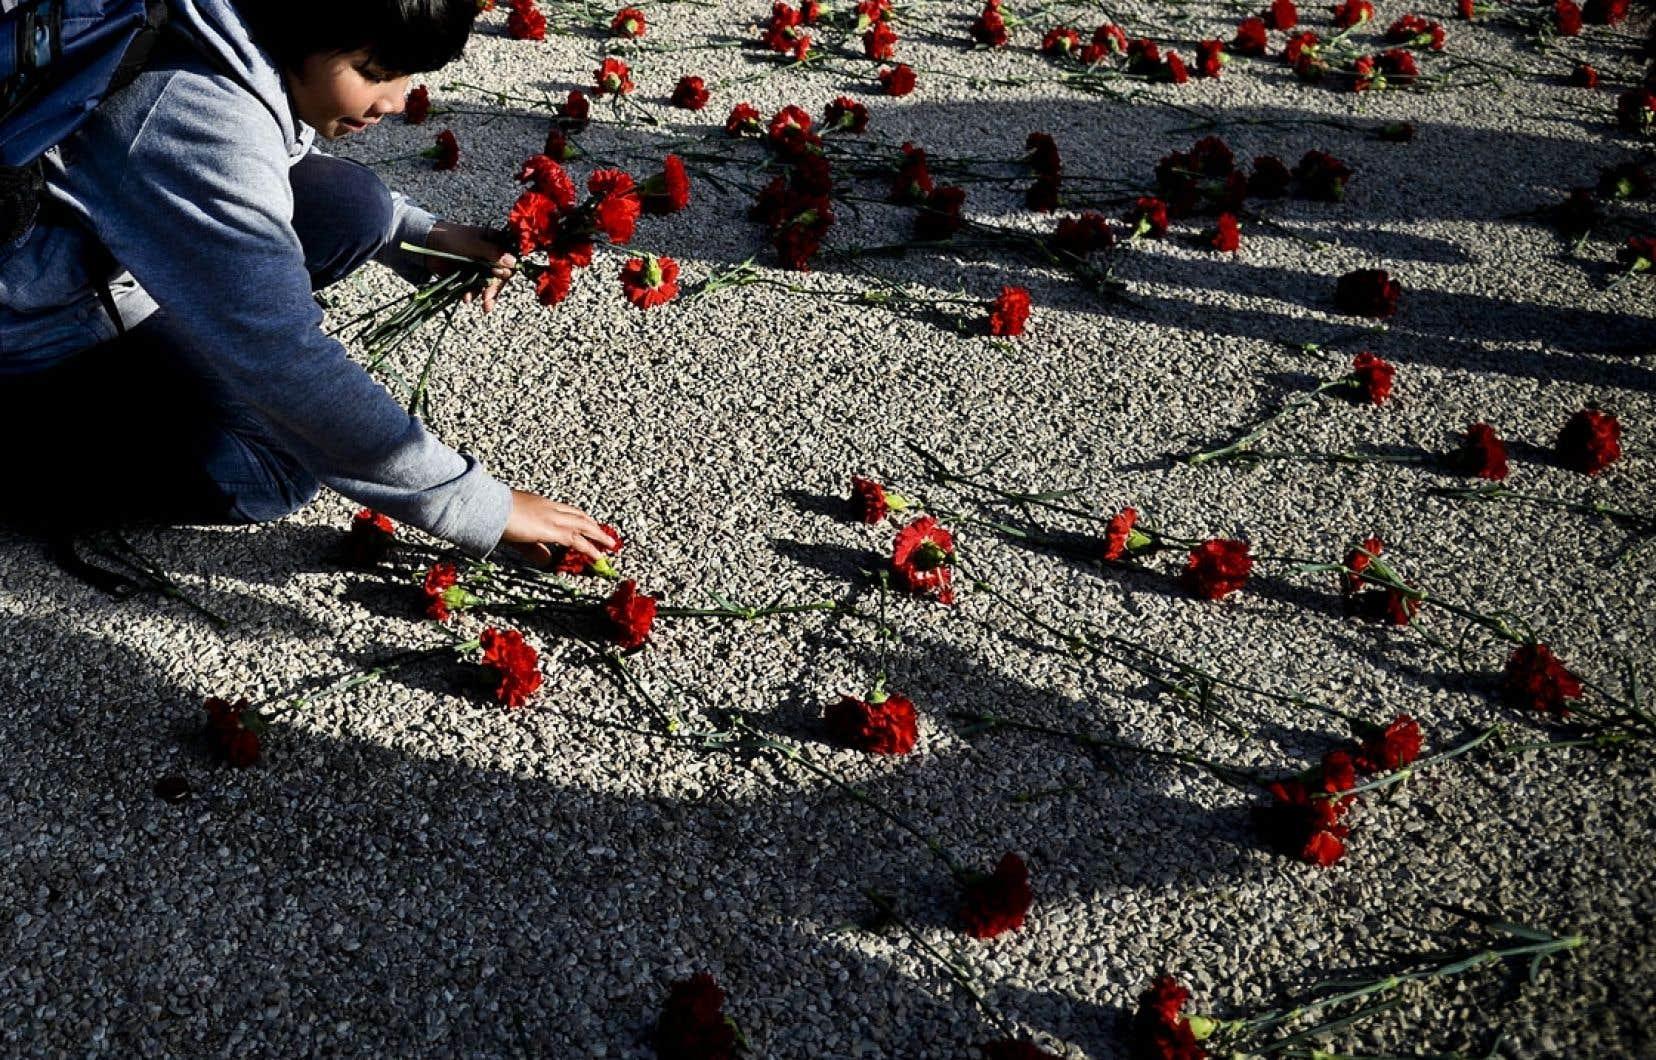 Un jeune Portugais récupère des œillets sur le sol à Lisbonne, vendredi.